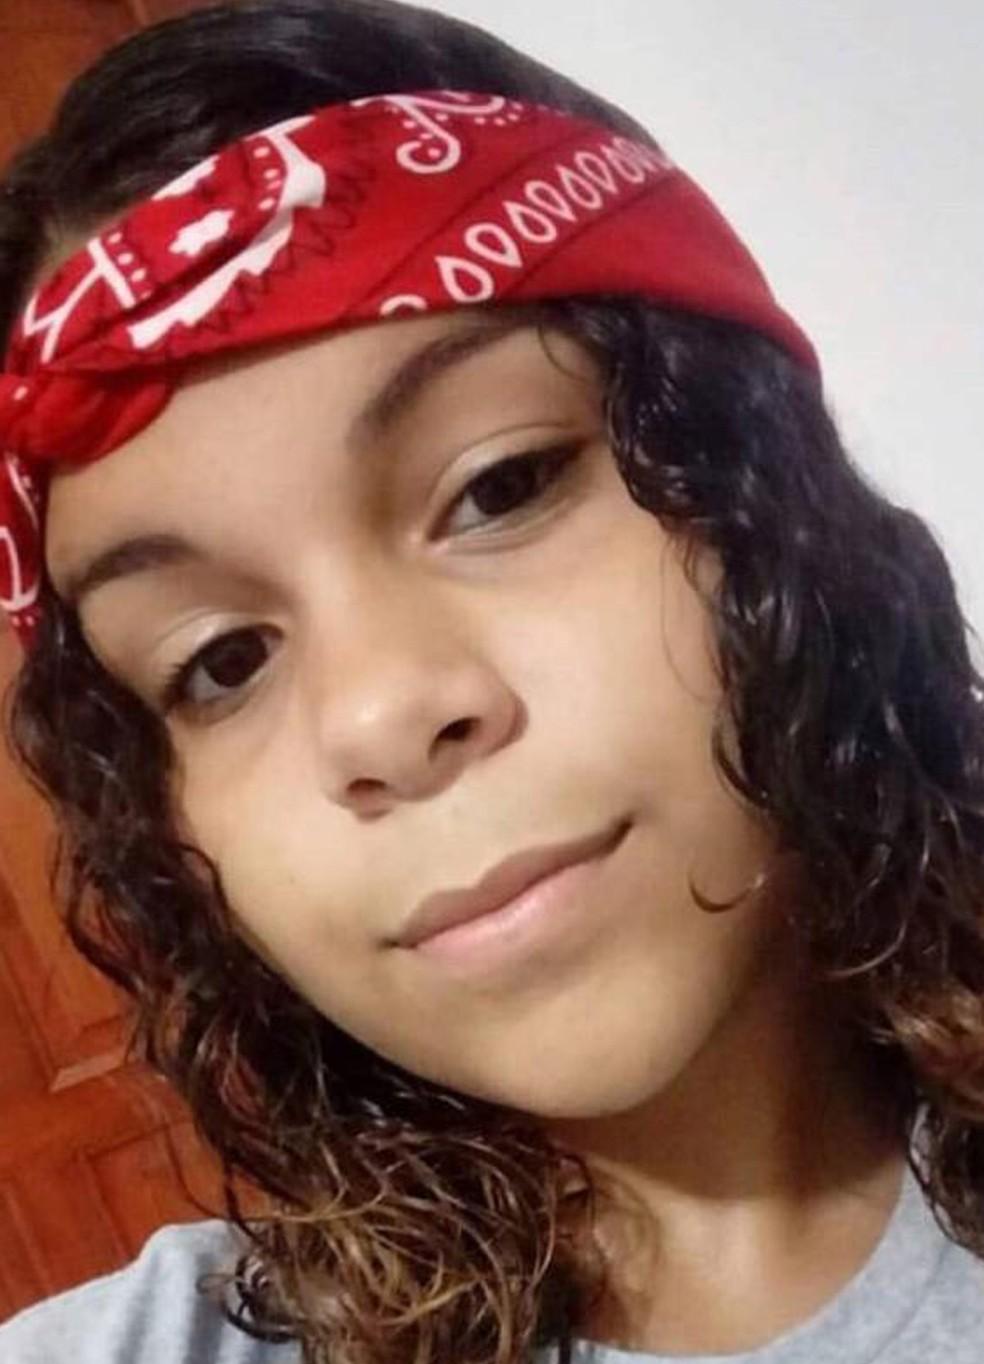 Evelin desapareceu na segunda-feira (18) após sair de casa, em Jaboatão dos Guararapes, no Grande Recife — Foto: Reprodução/WhatsApp